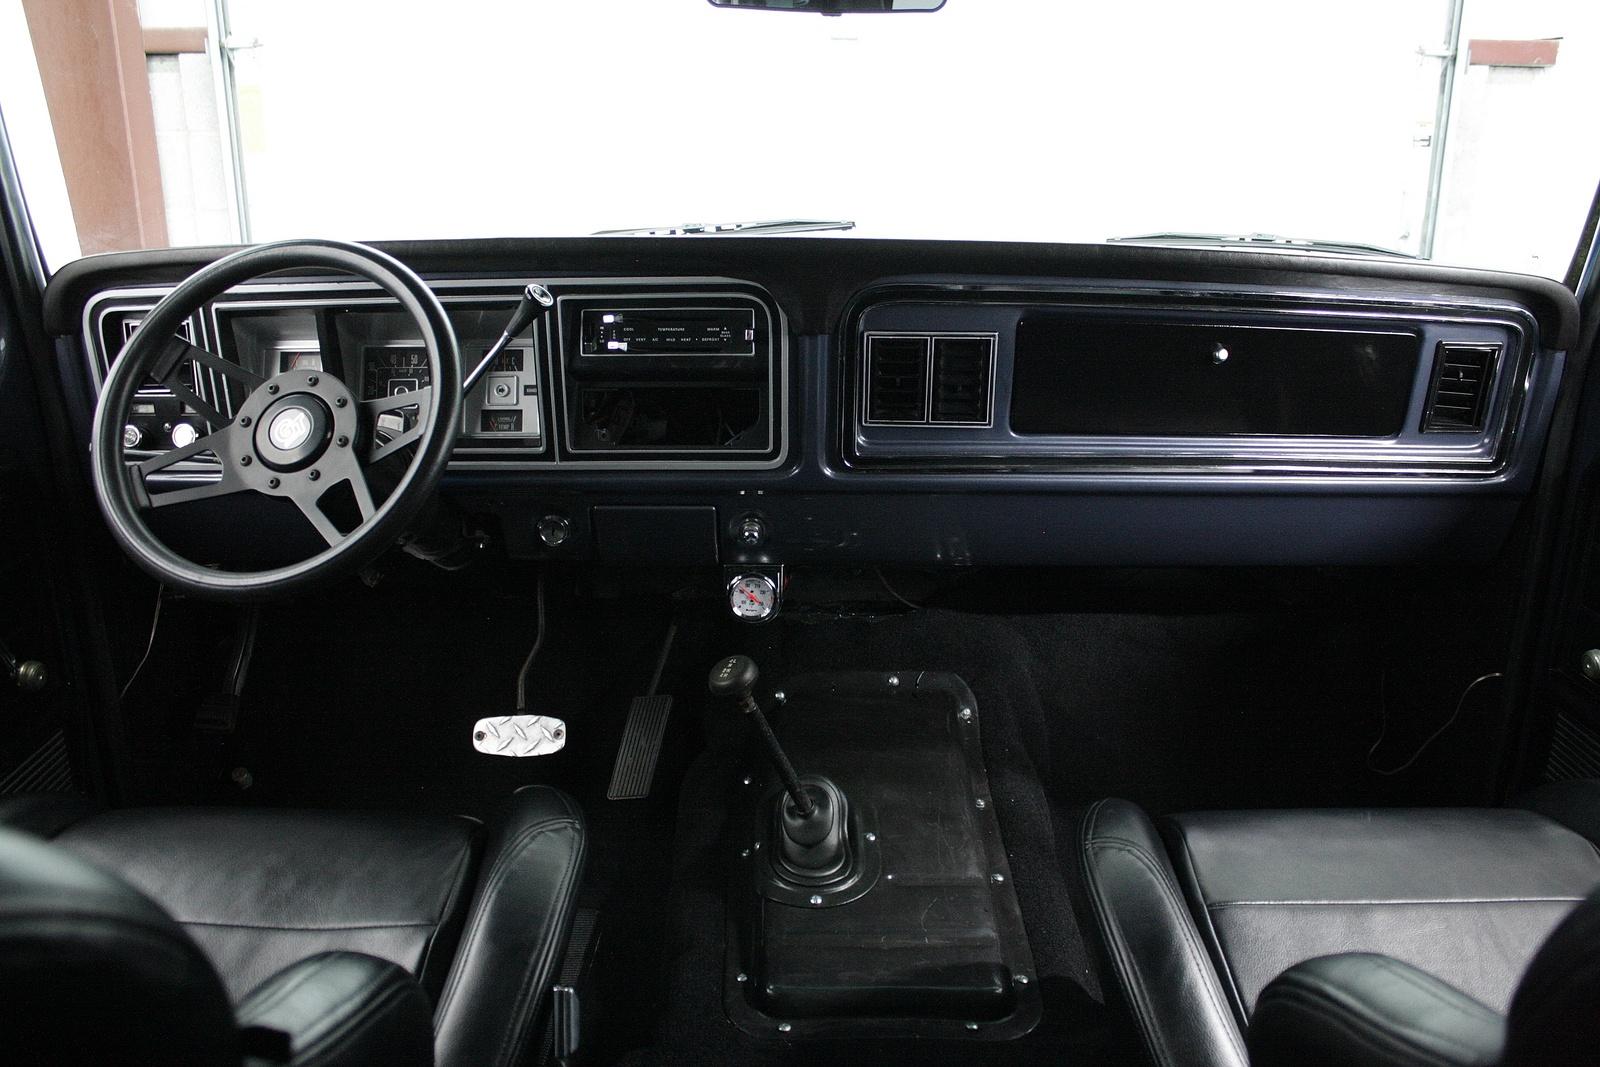 1979 Ford Bronco - Pictures - CarGurus